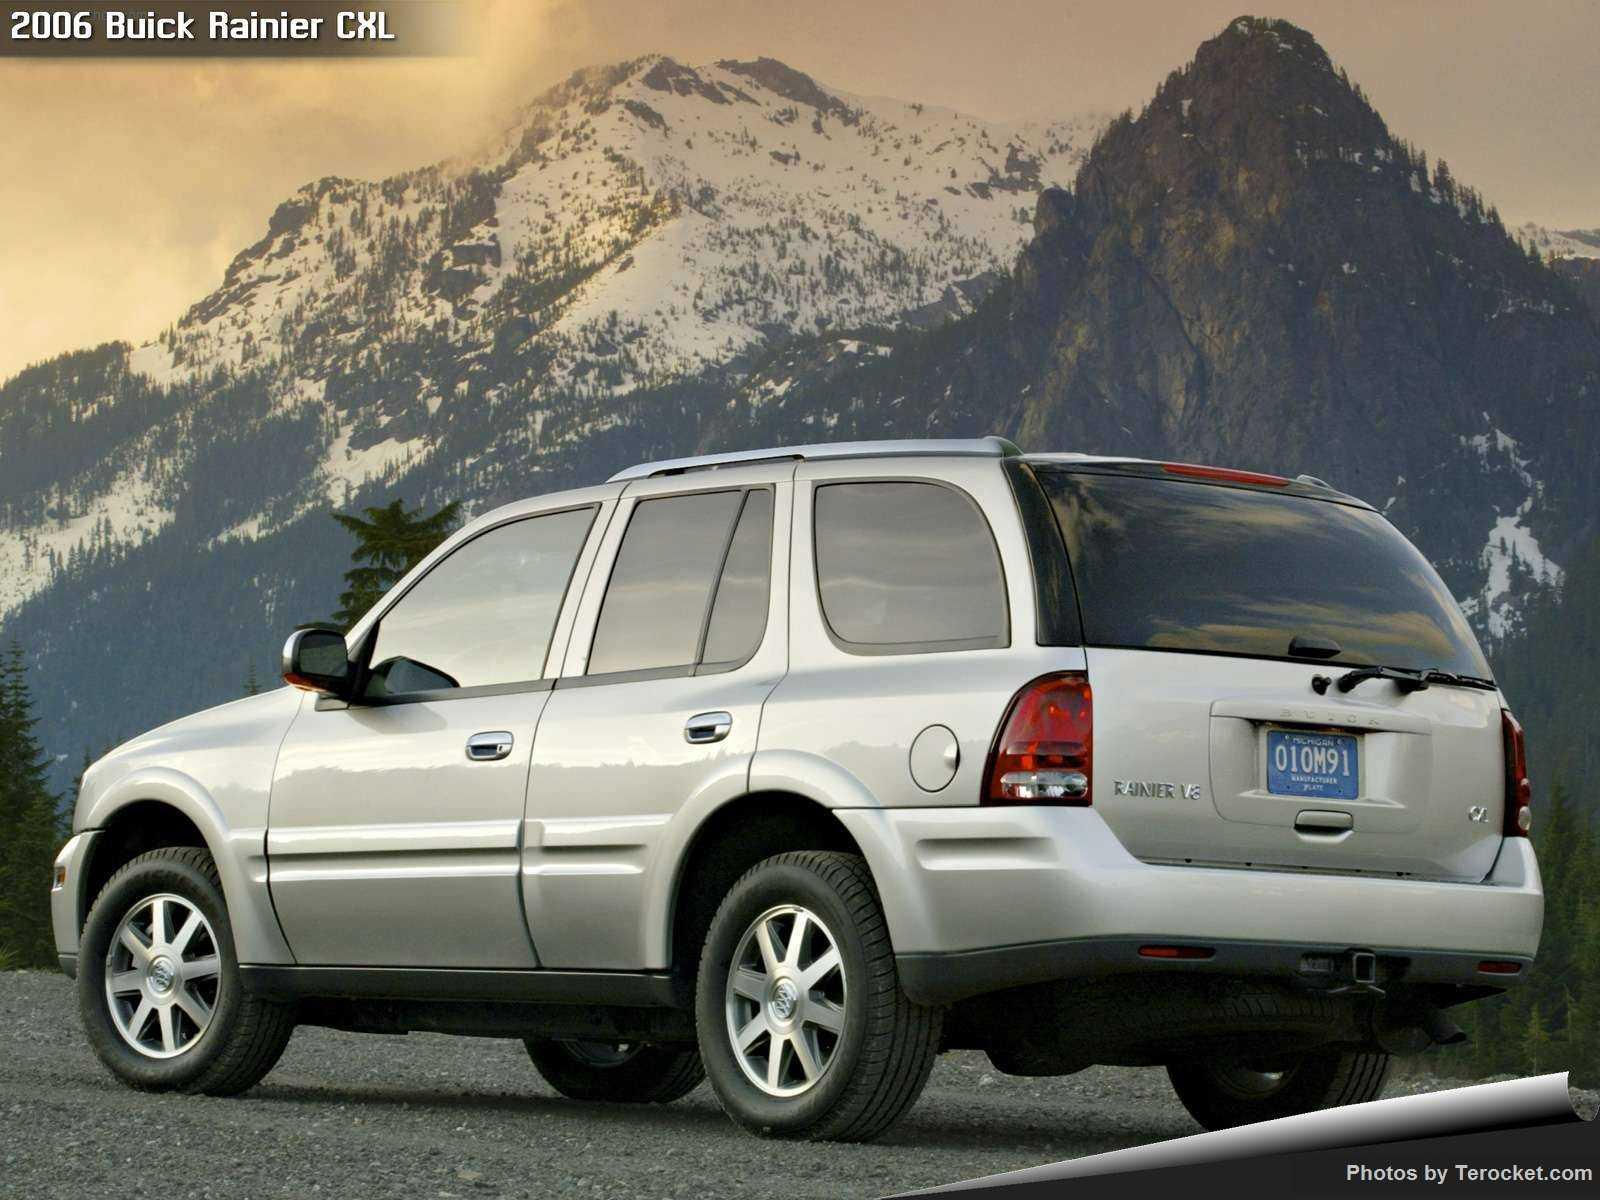 Hình ảnh xe ô tô Buick Rainier CXL 2006 & nội ngoại thất